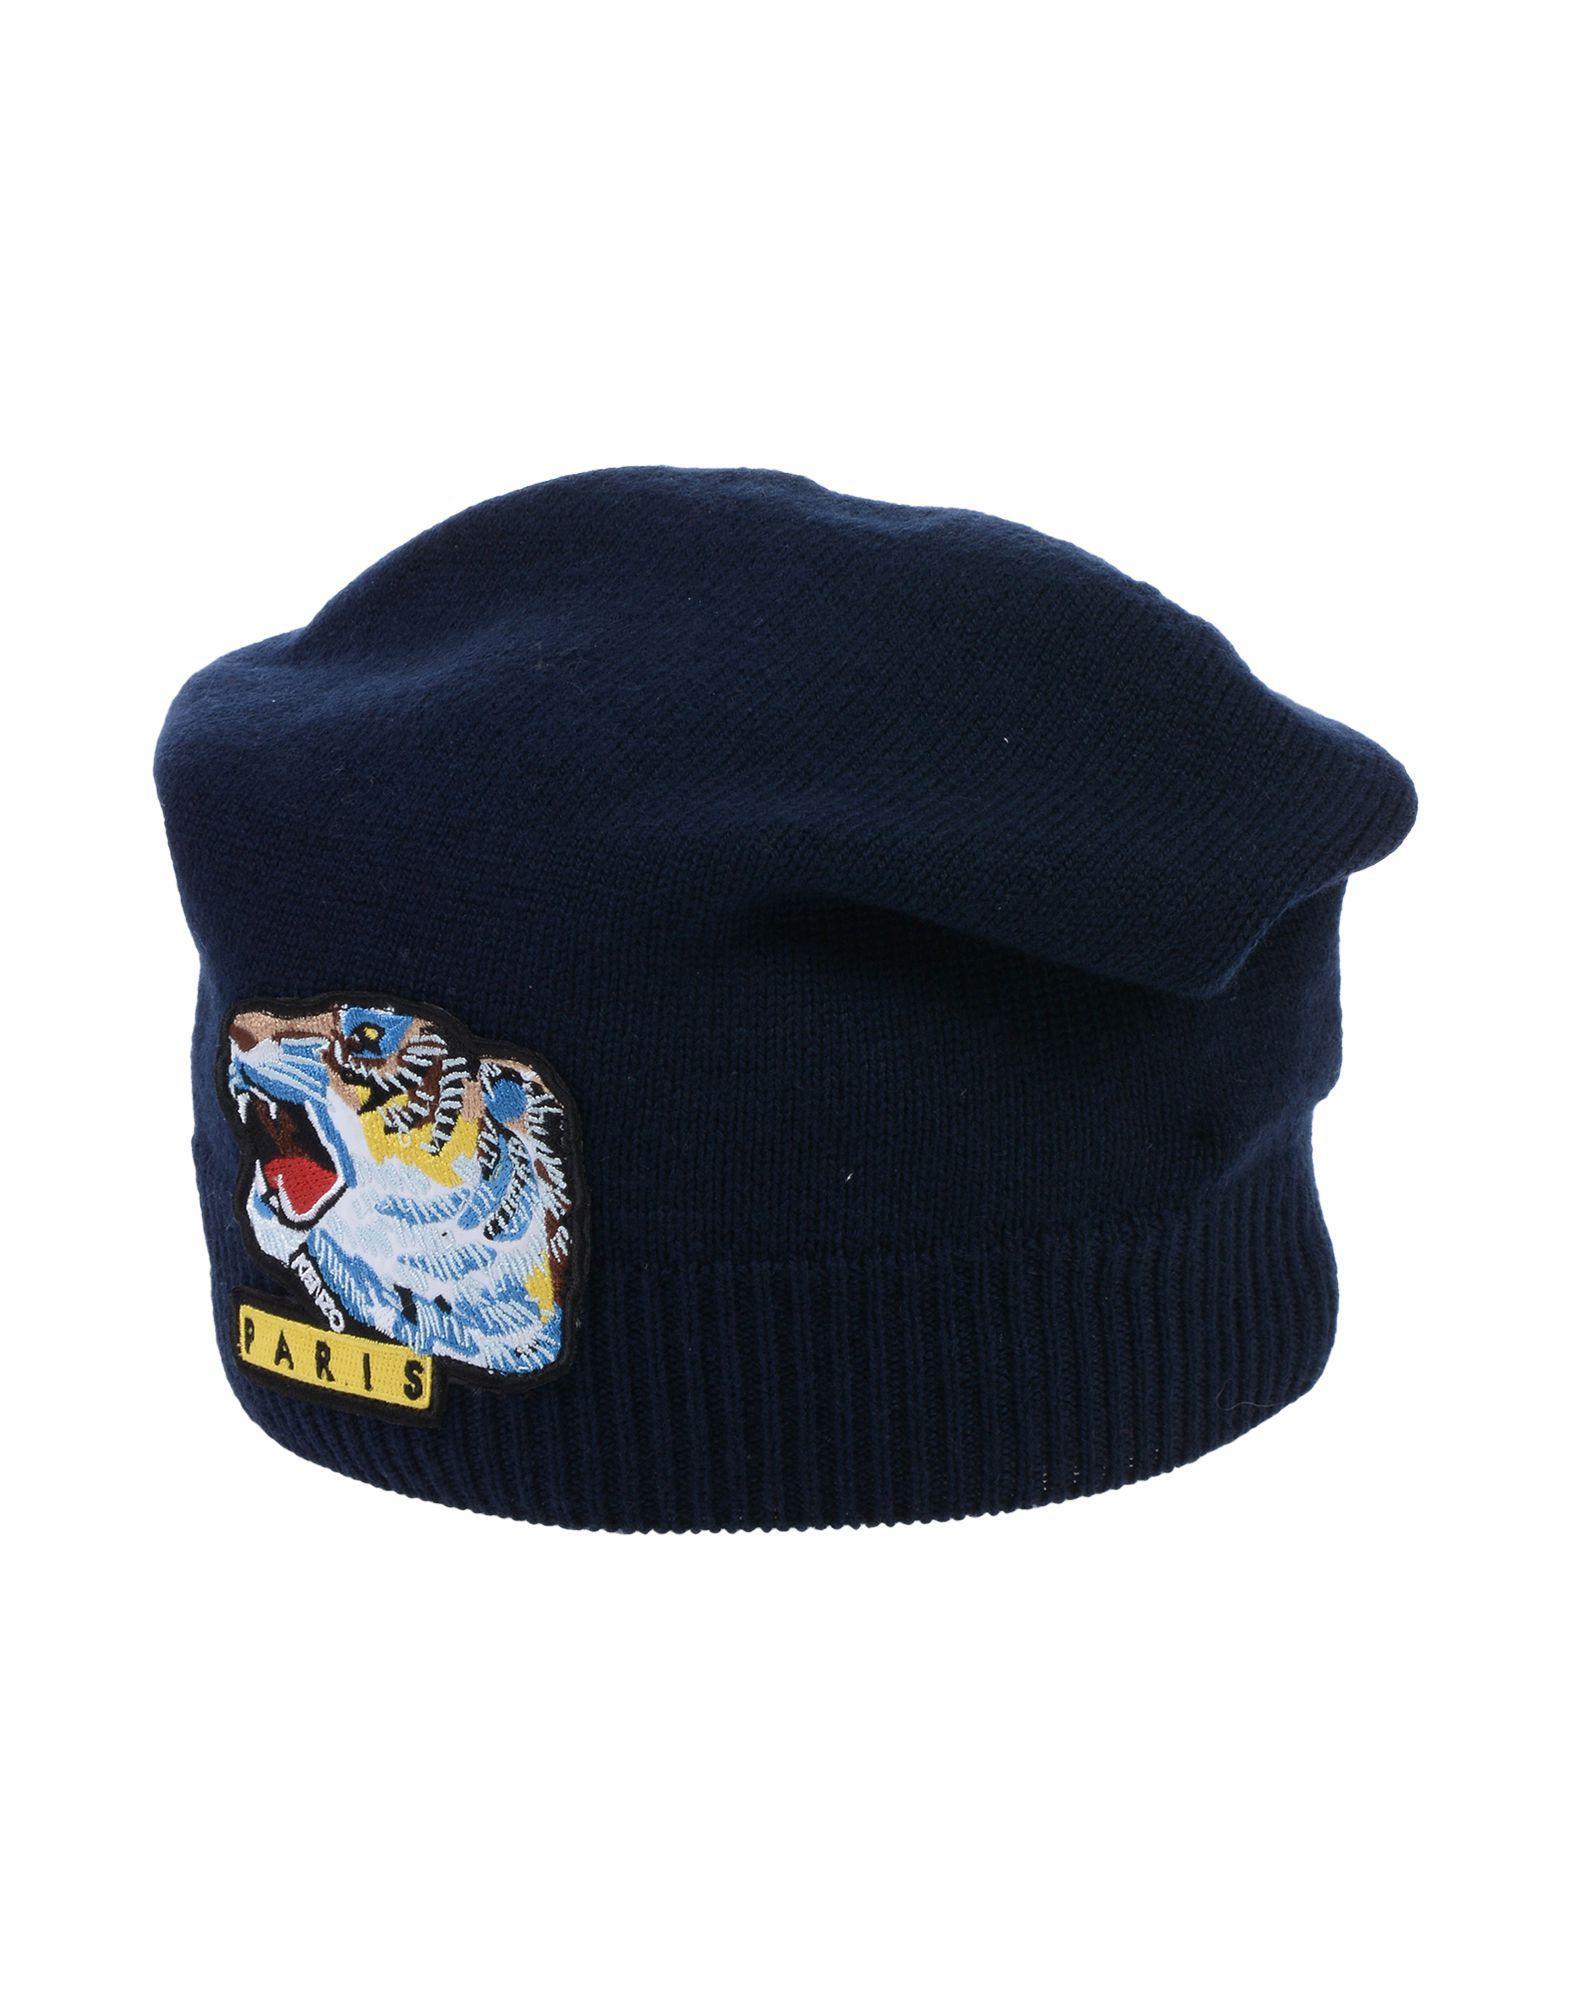 Kenzo Hat in Blue for Men - Lyst 3f4f41c2bdf